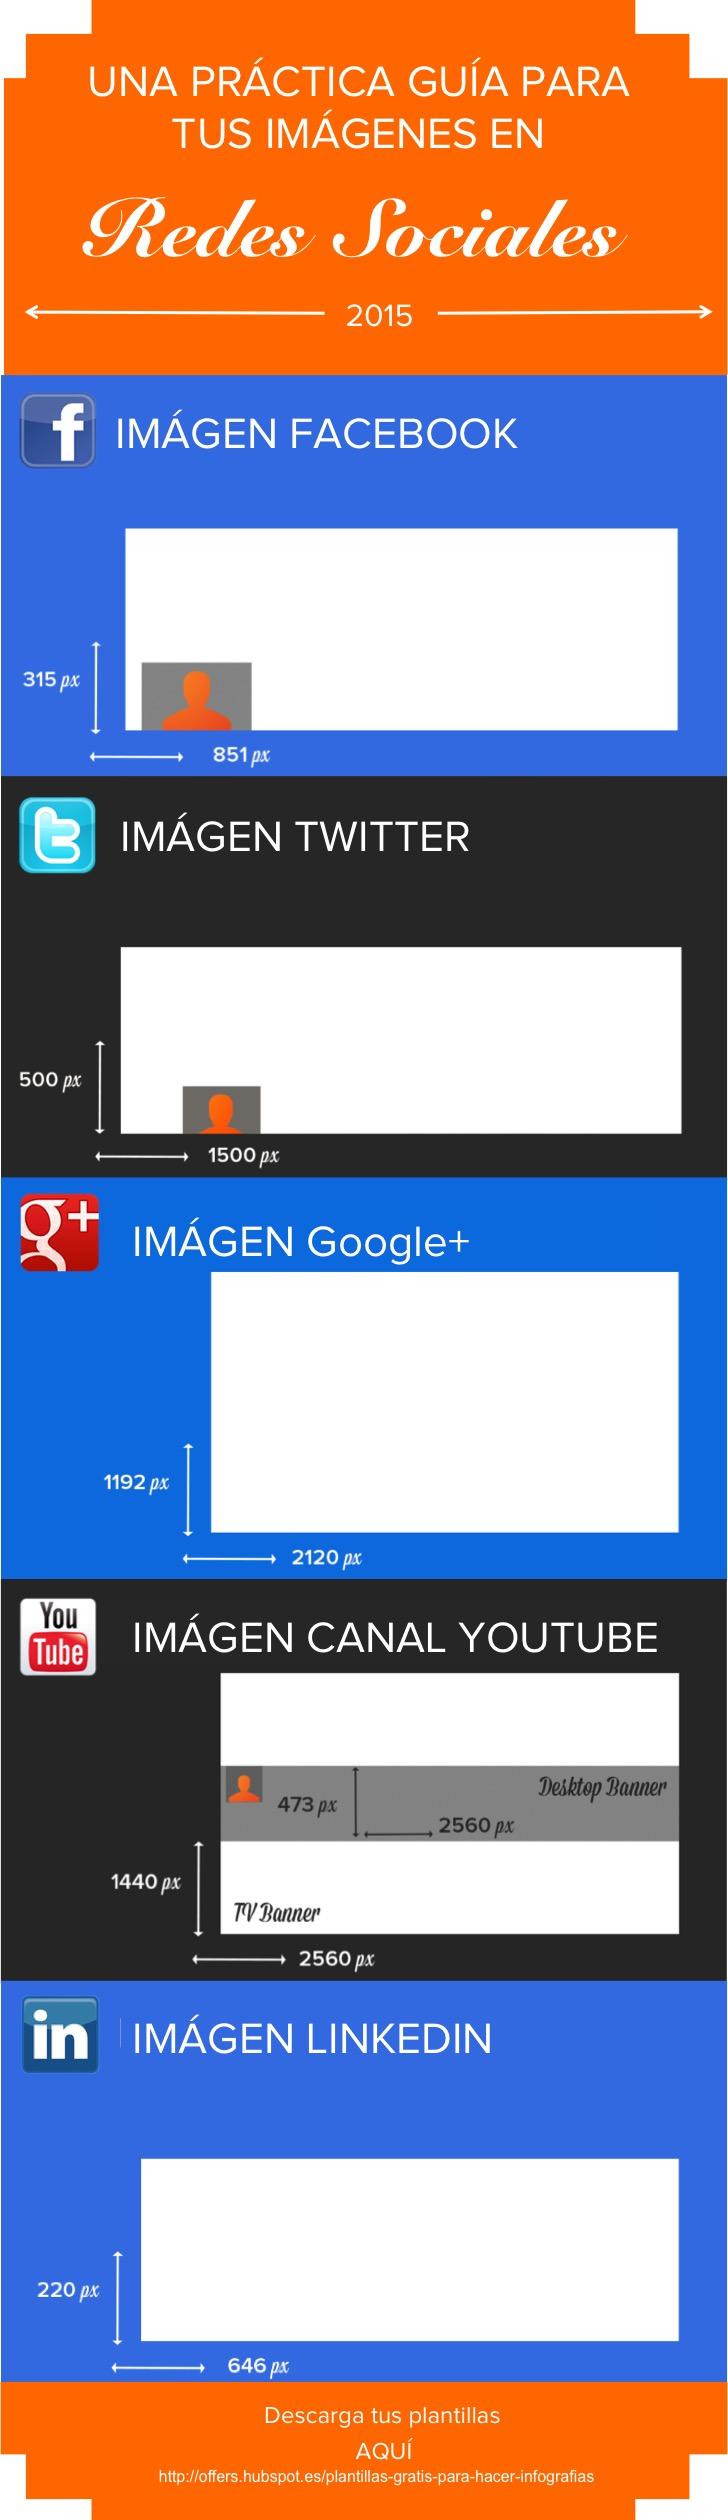 Guía para configurar y ajustar tus imágenes en redes sociales